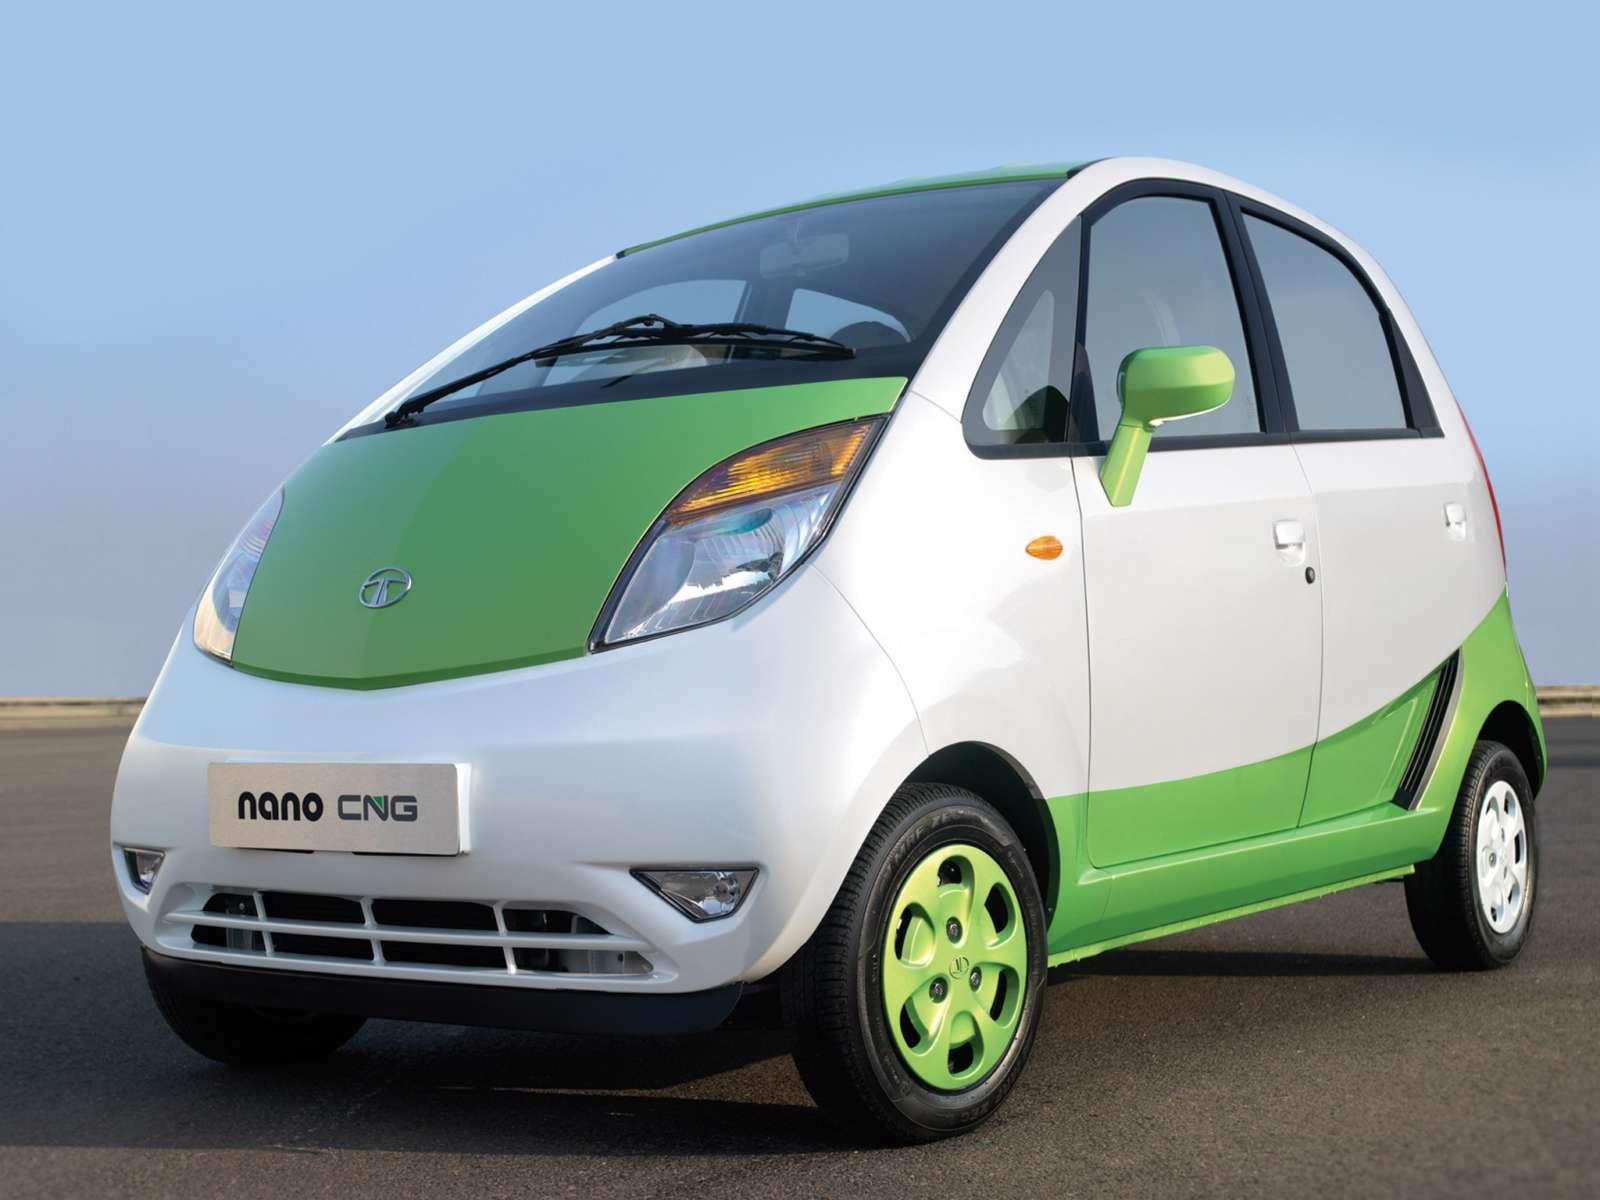 Tata Nano CNG front angle